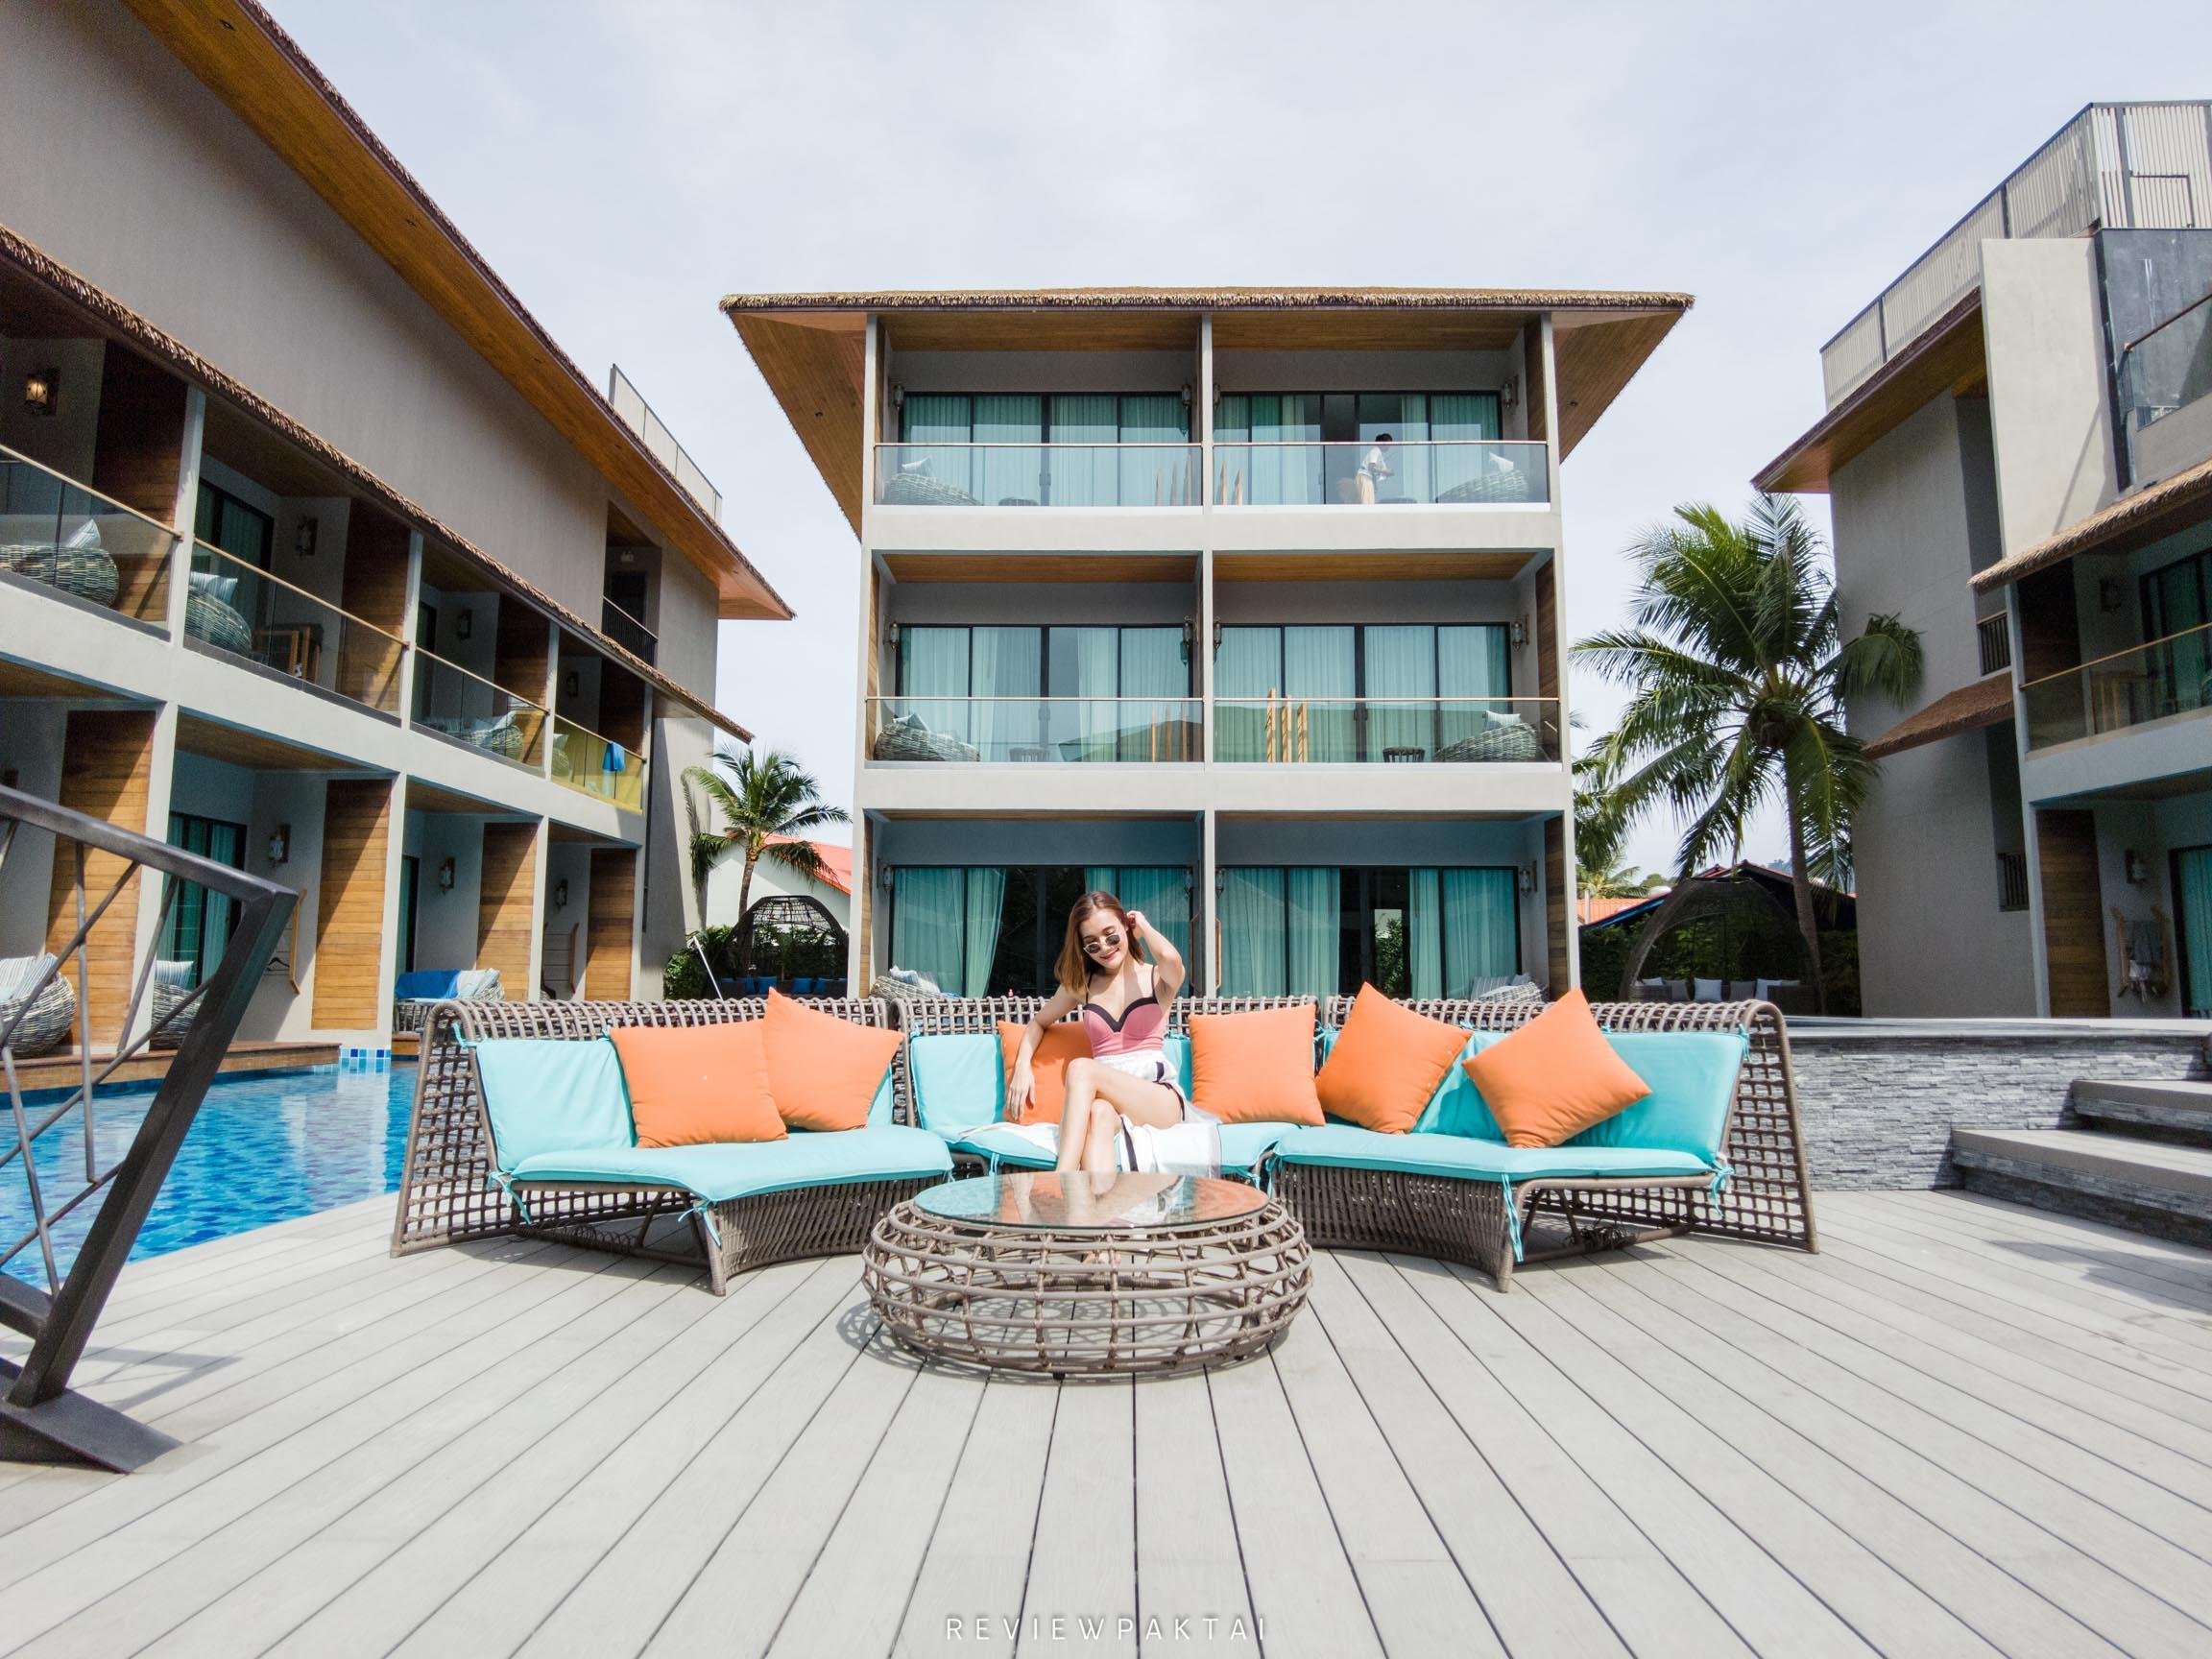 วิวจุดเช็คอินถ่ายรูปปังๆ ที่พักหลีเป๊ะ,ที่พักสตูล,ที่พักติดทะเล,เกาะหลีเป๊ะ,ananya,resort,lipe